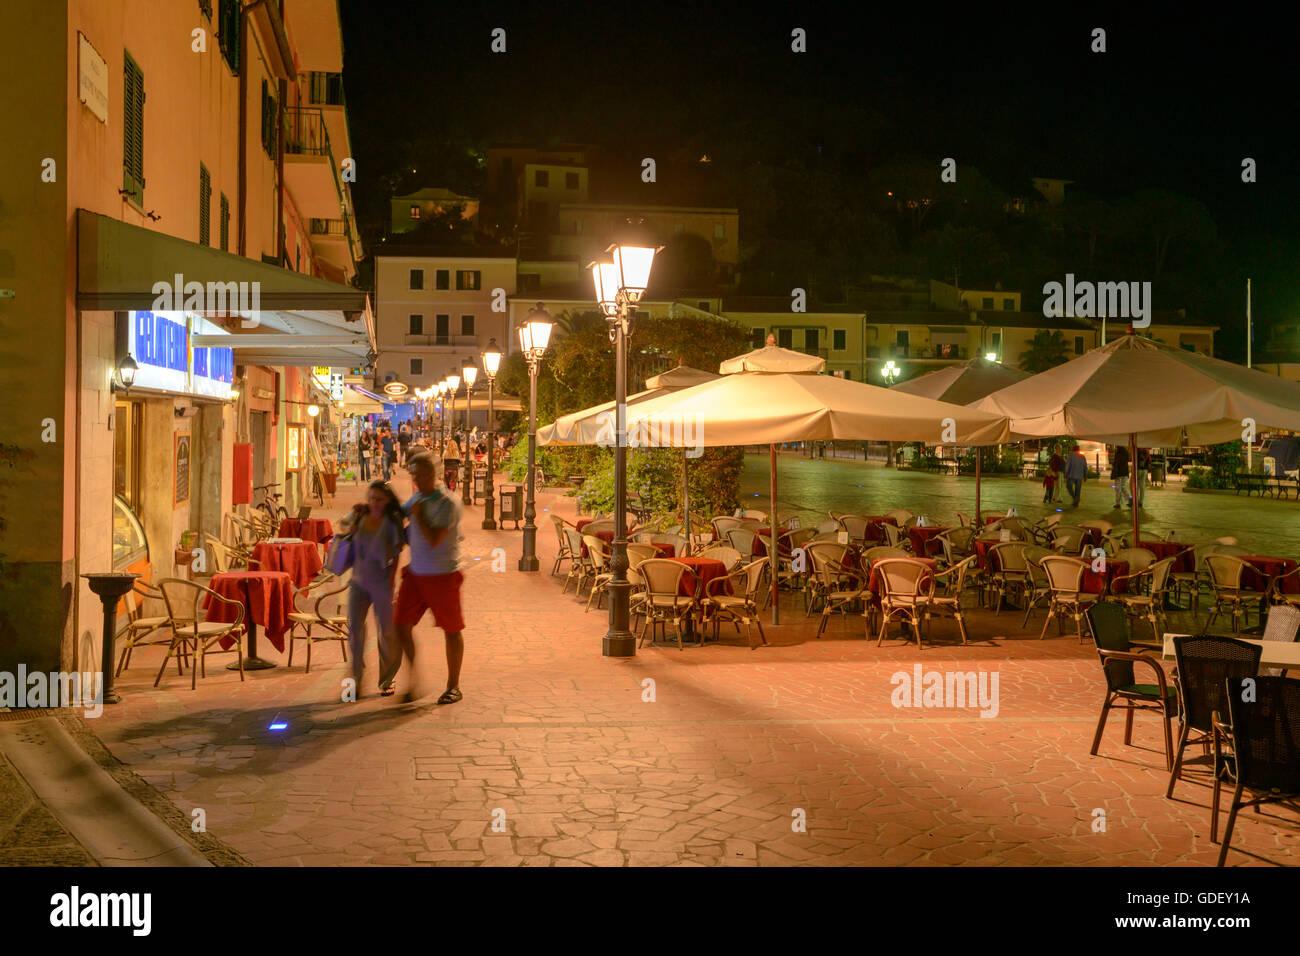 Europe, Italy, Tuscany, Island Elba, Porto Azzurro, Old Town - Stock Image